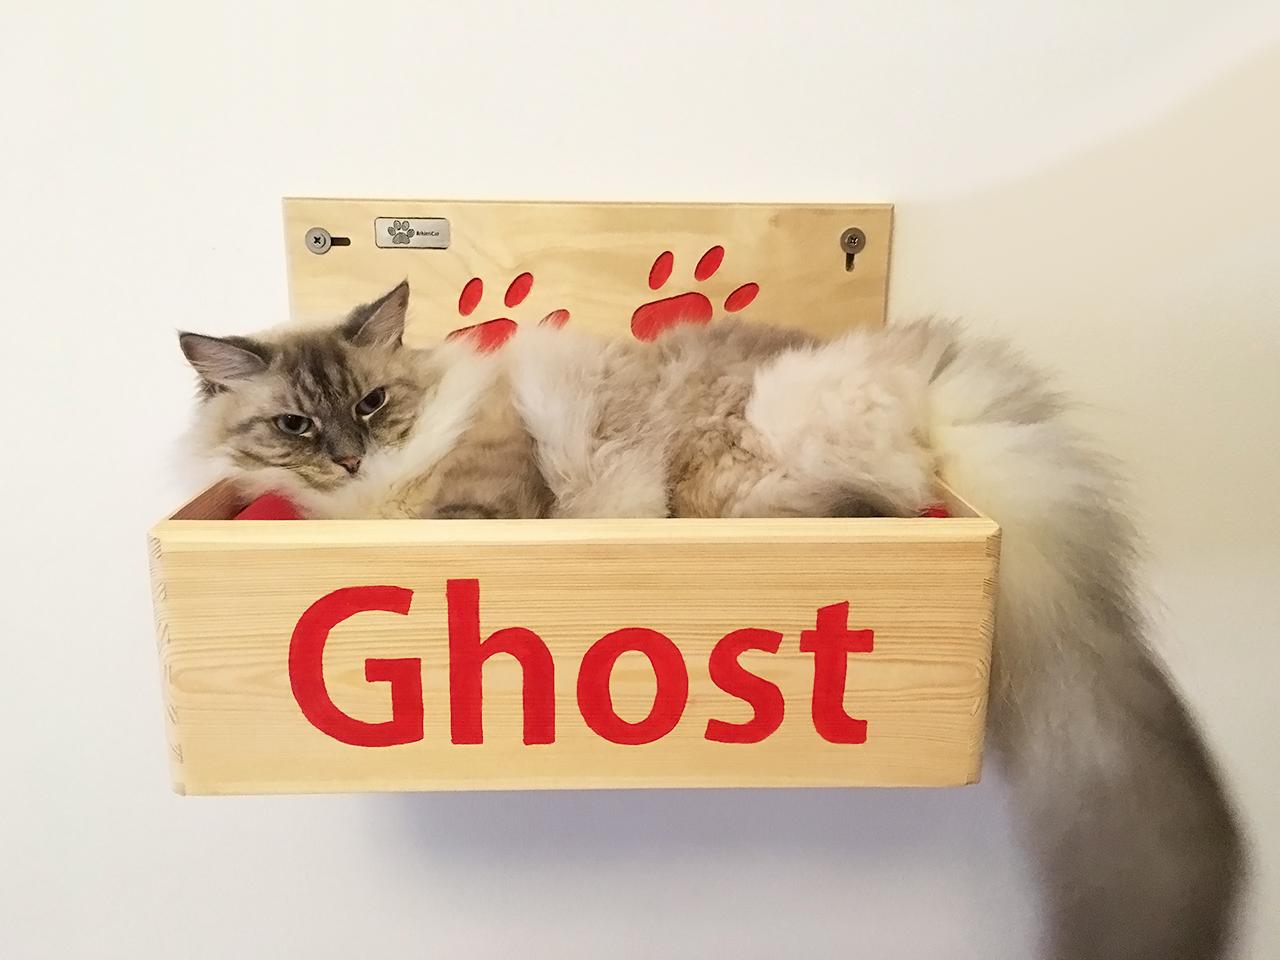 Cuccia per gatti in legno made in italy - Cuccia per gatti ikea ...